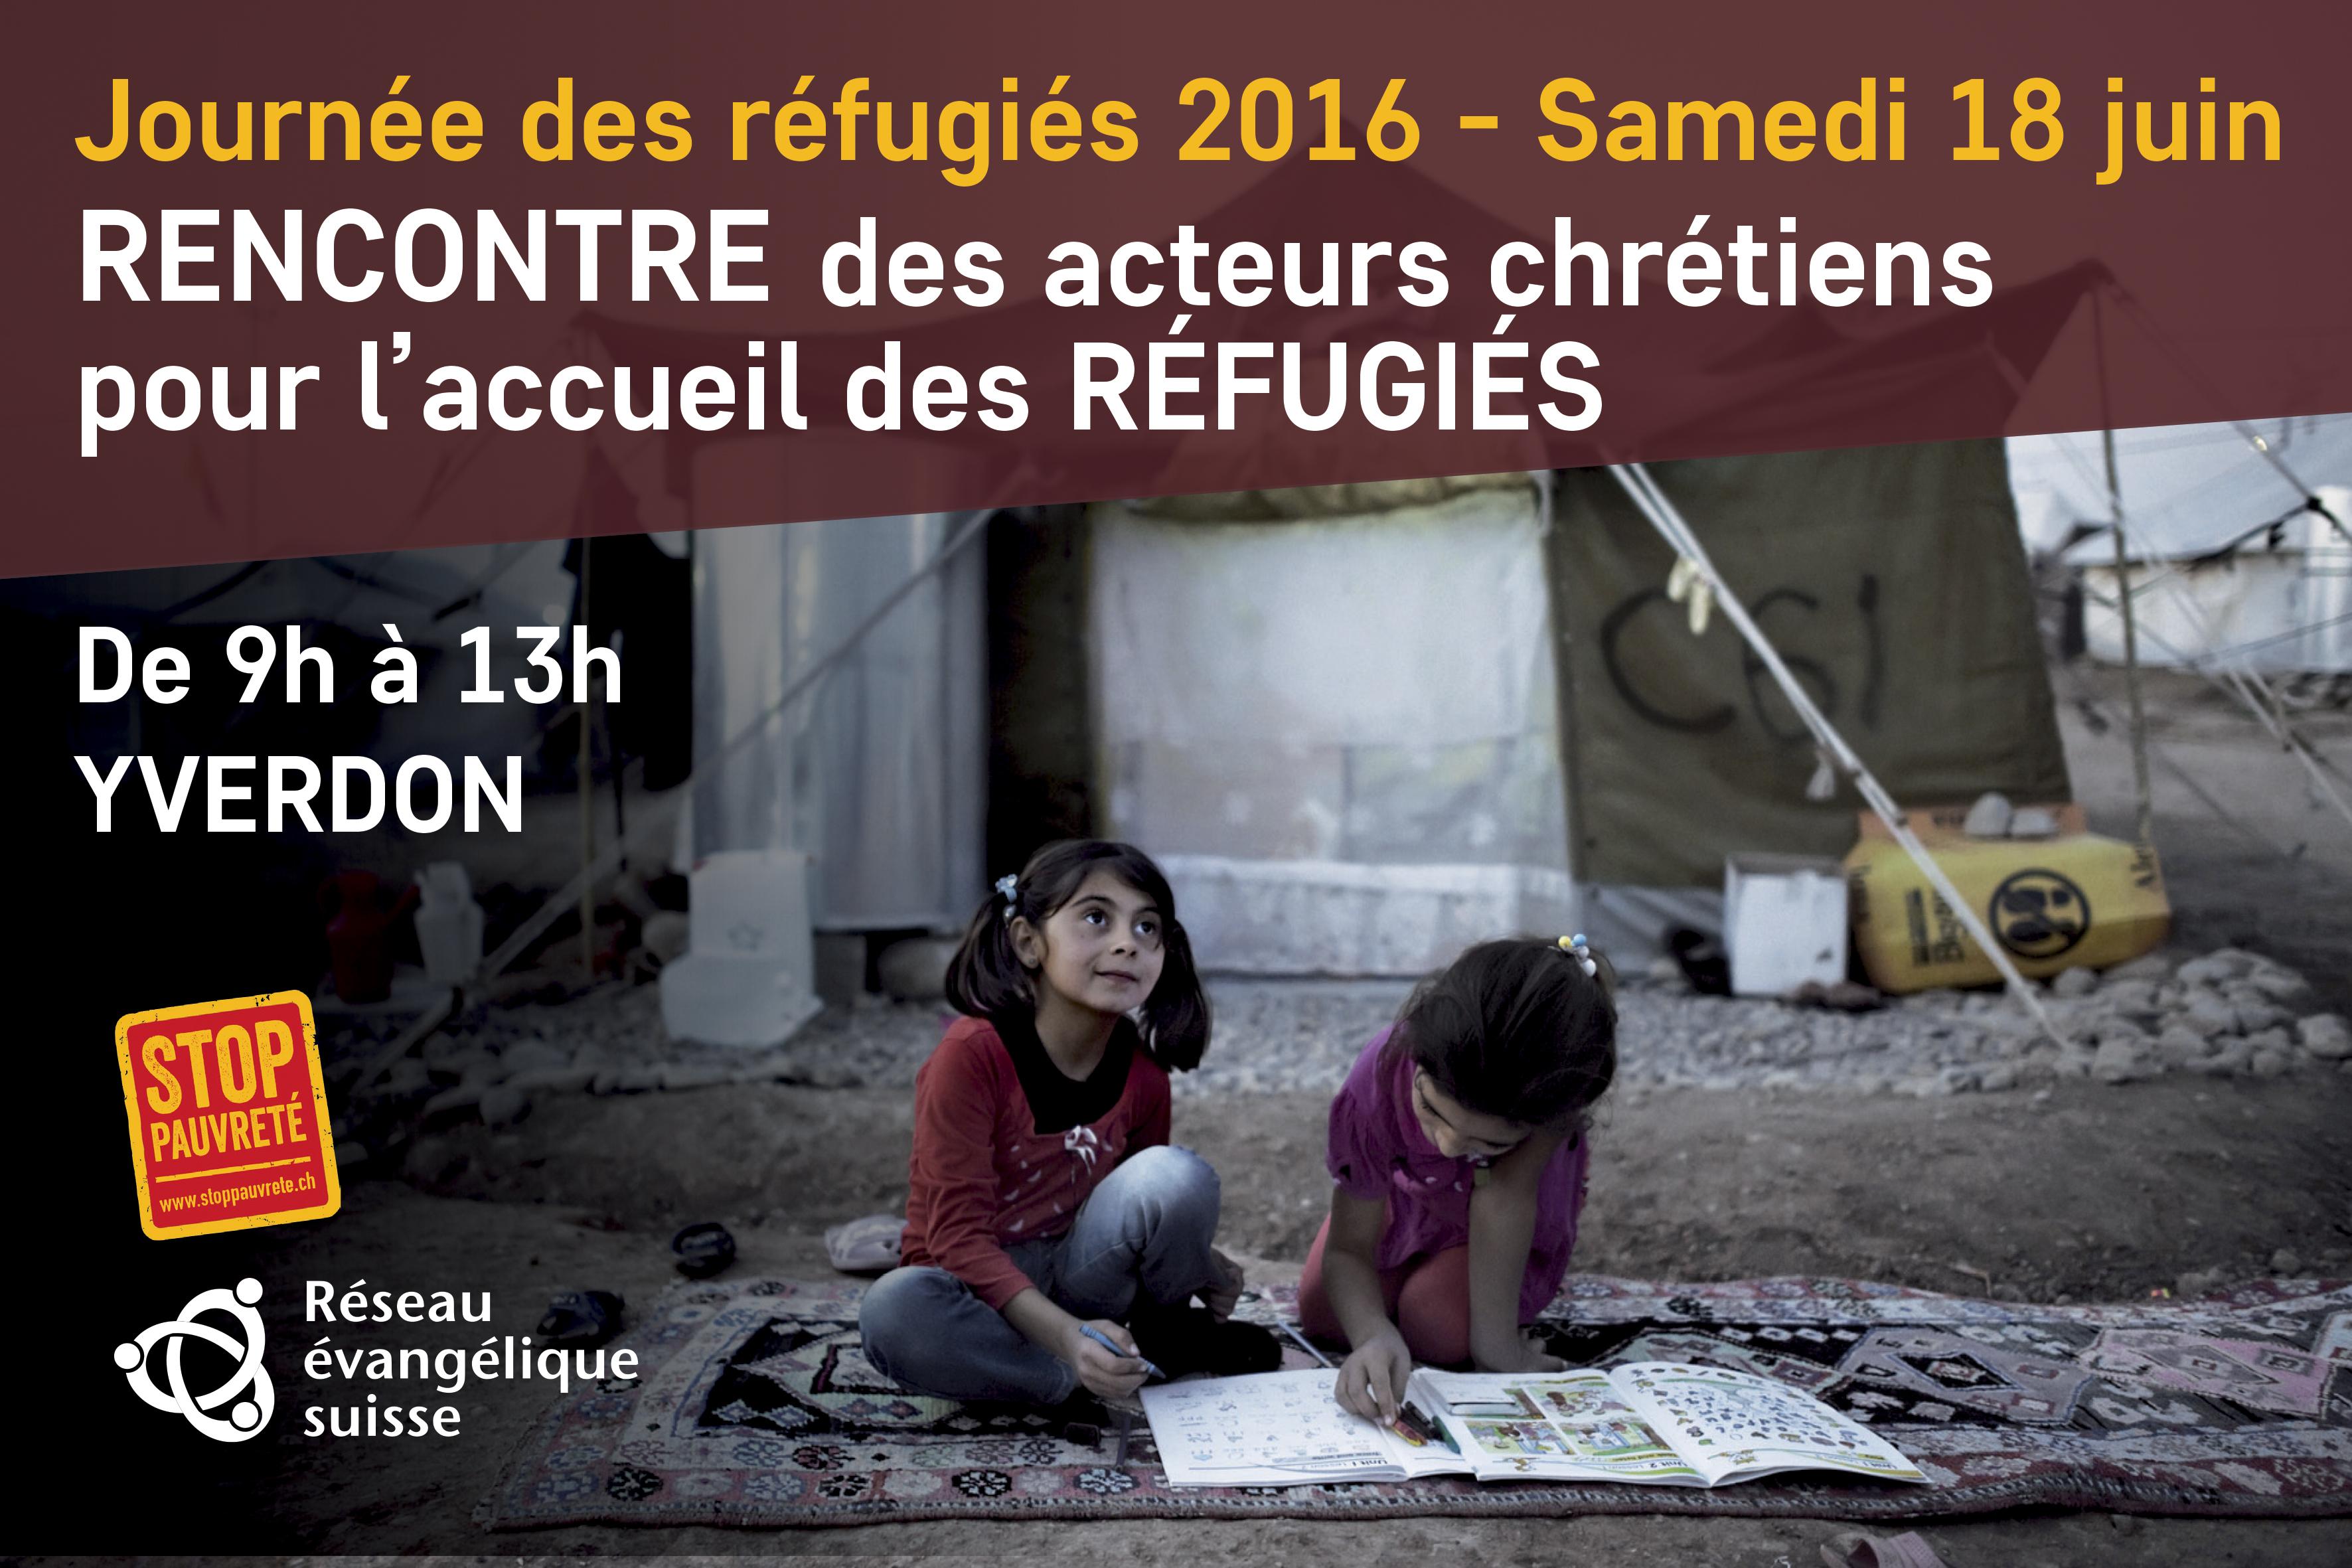 Journée des réfugiés